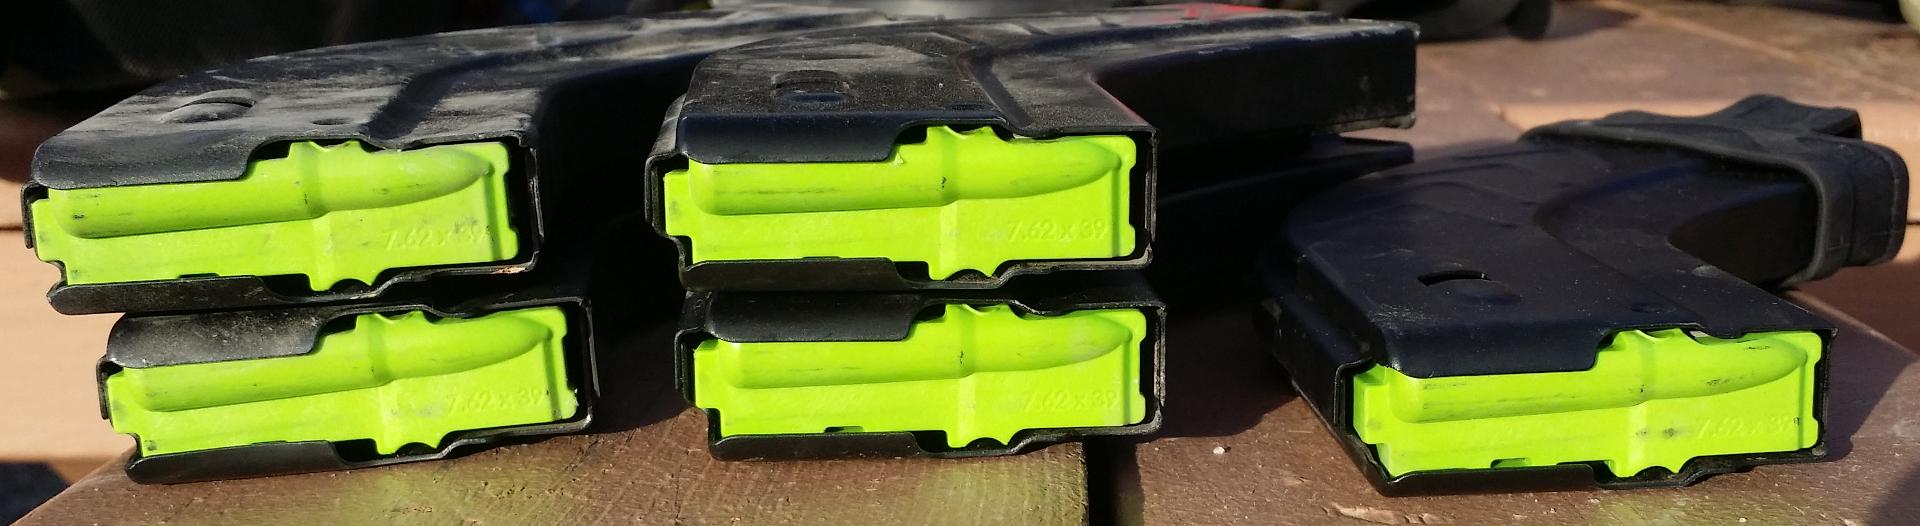 D&H 30rnd 7.62x39 Magazine Review-dh-follower-feed-lips-end.jpg